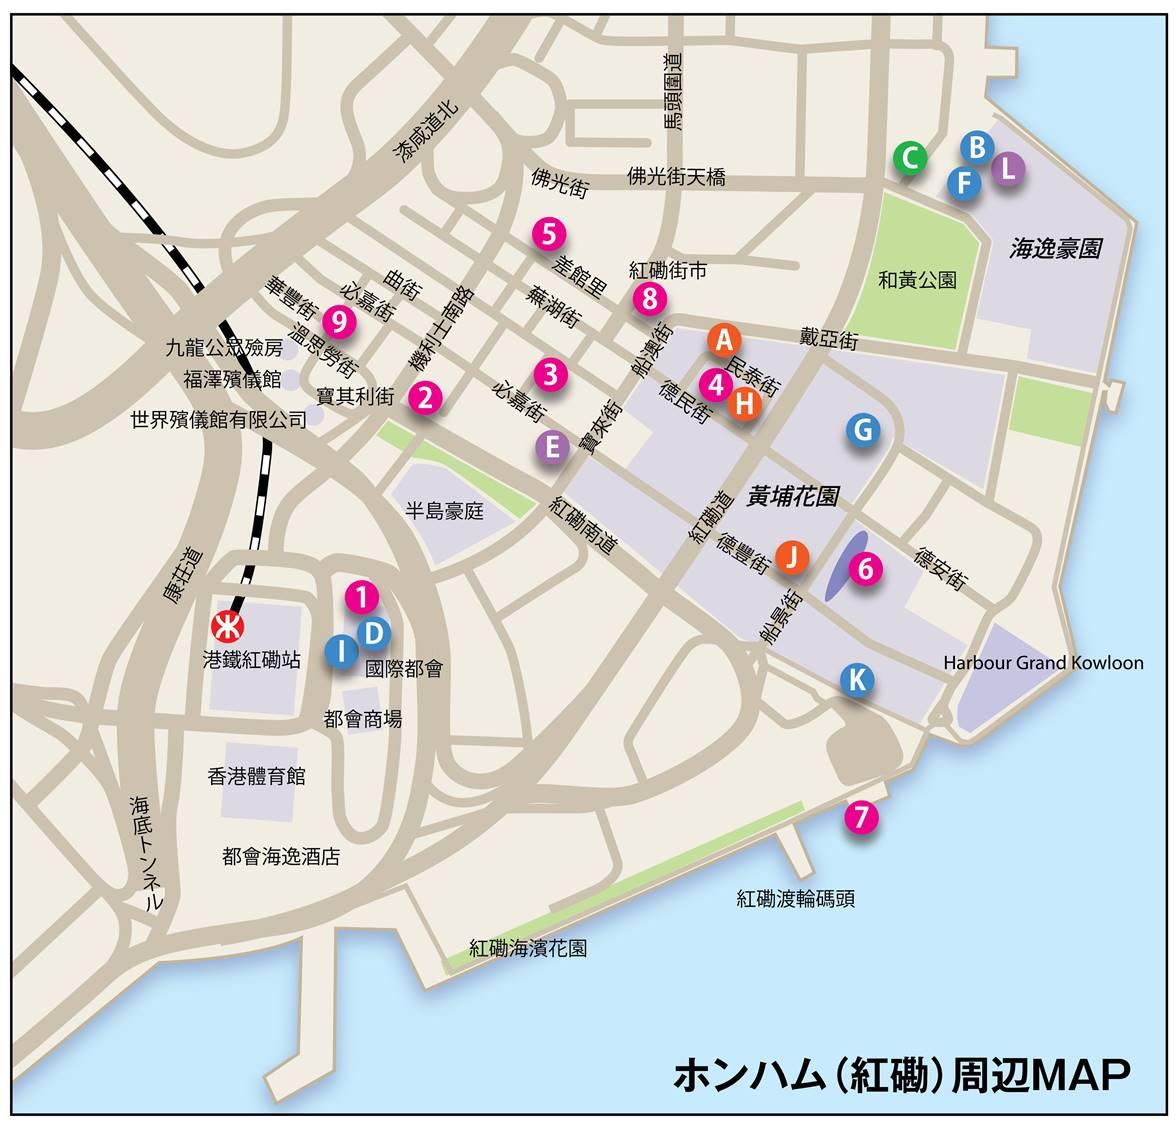 ホンハム(紅磡)Map 1